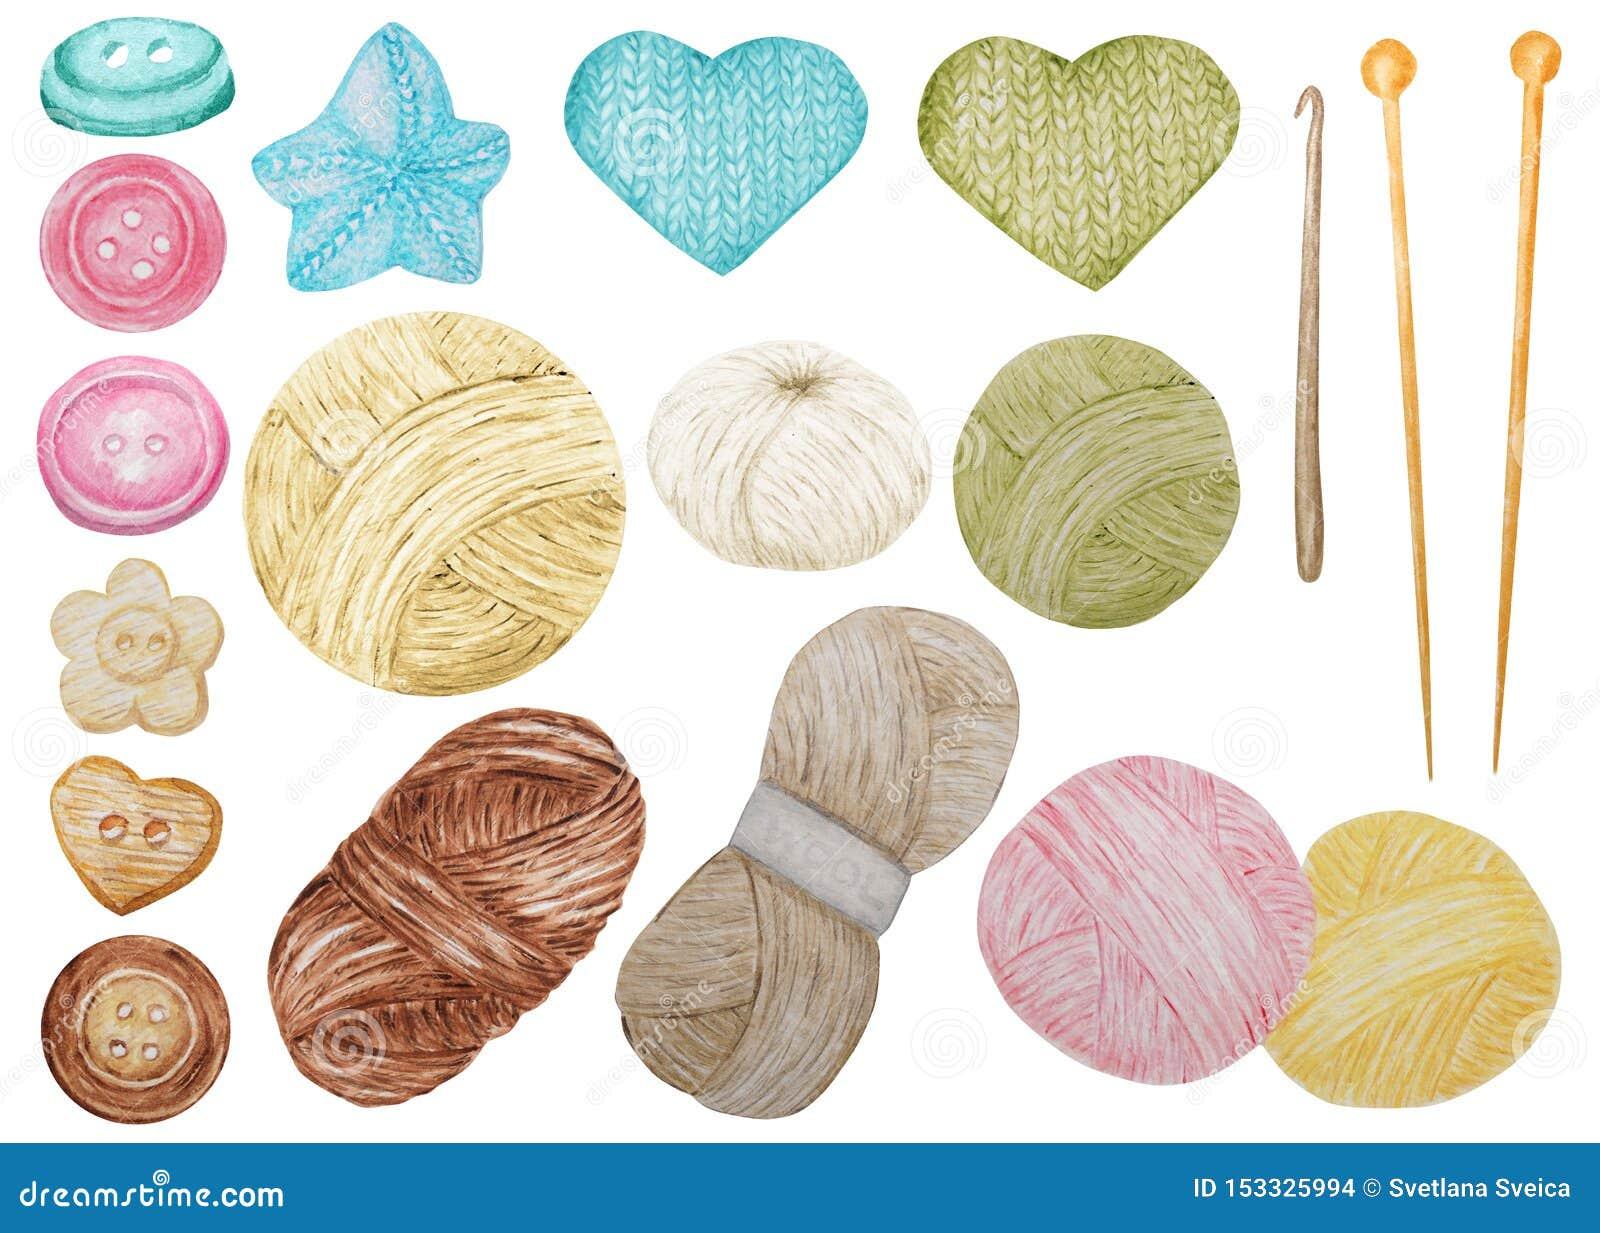 El clip Art Hobby Knitting de la acuarela y el croché, lana cuentan un cuento, abotonan el sistema lindo de Clipart Colección de